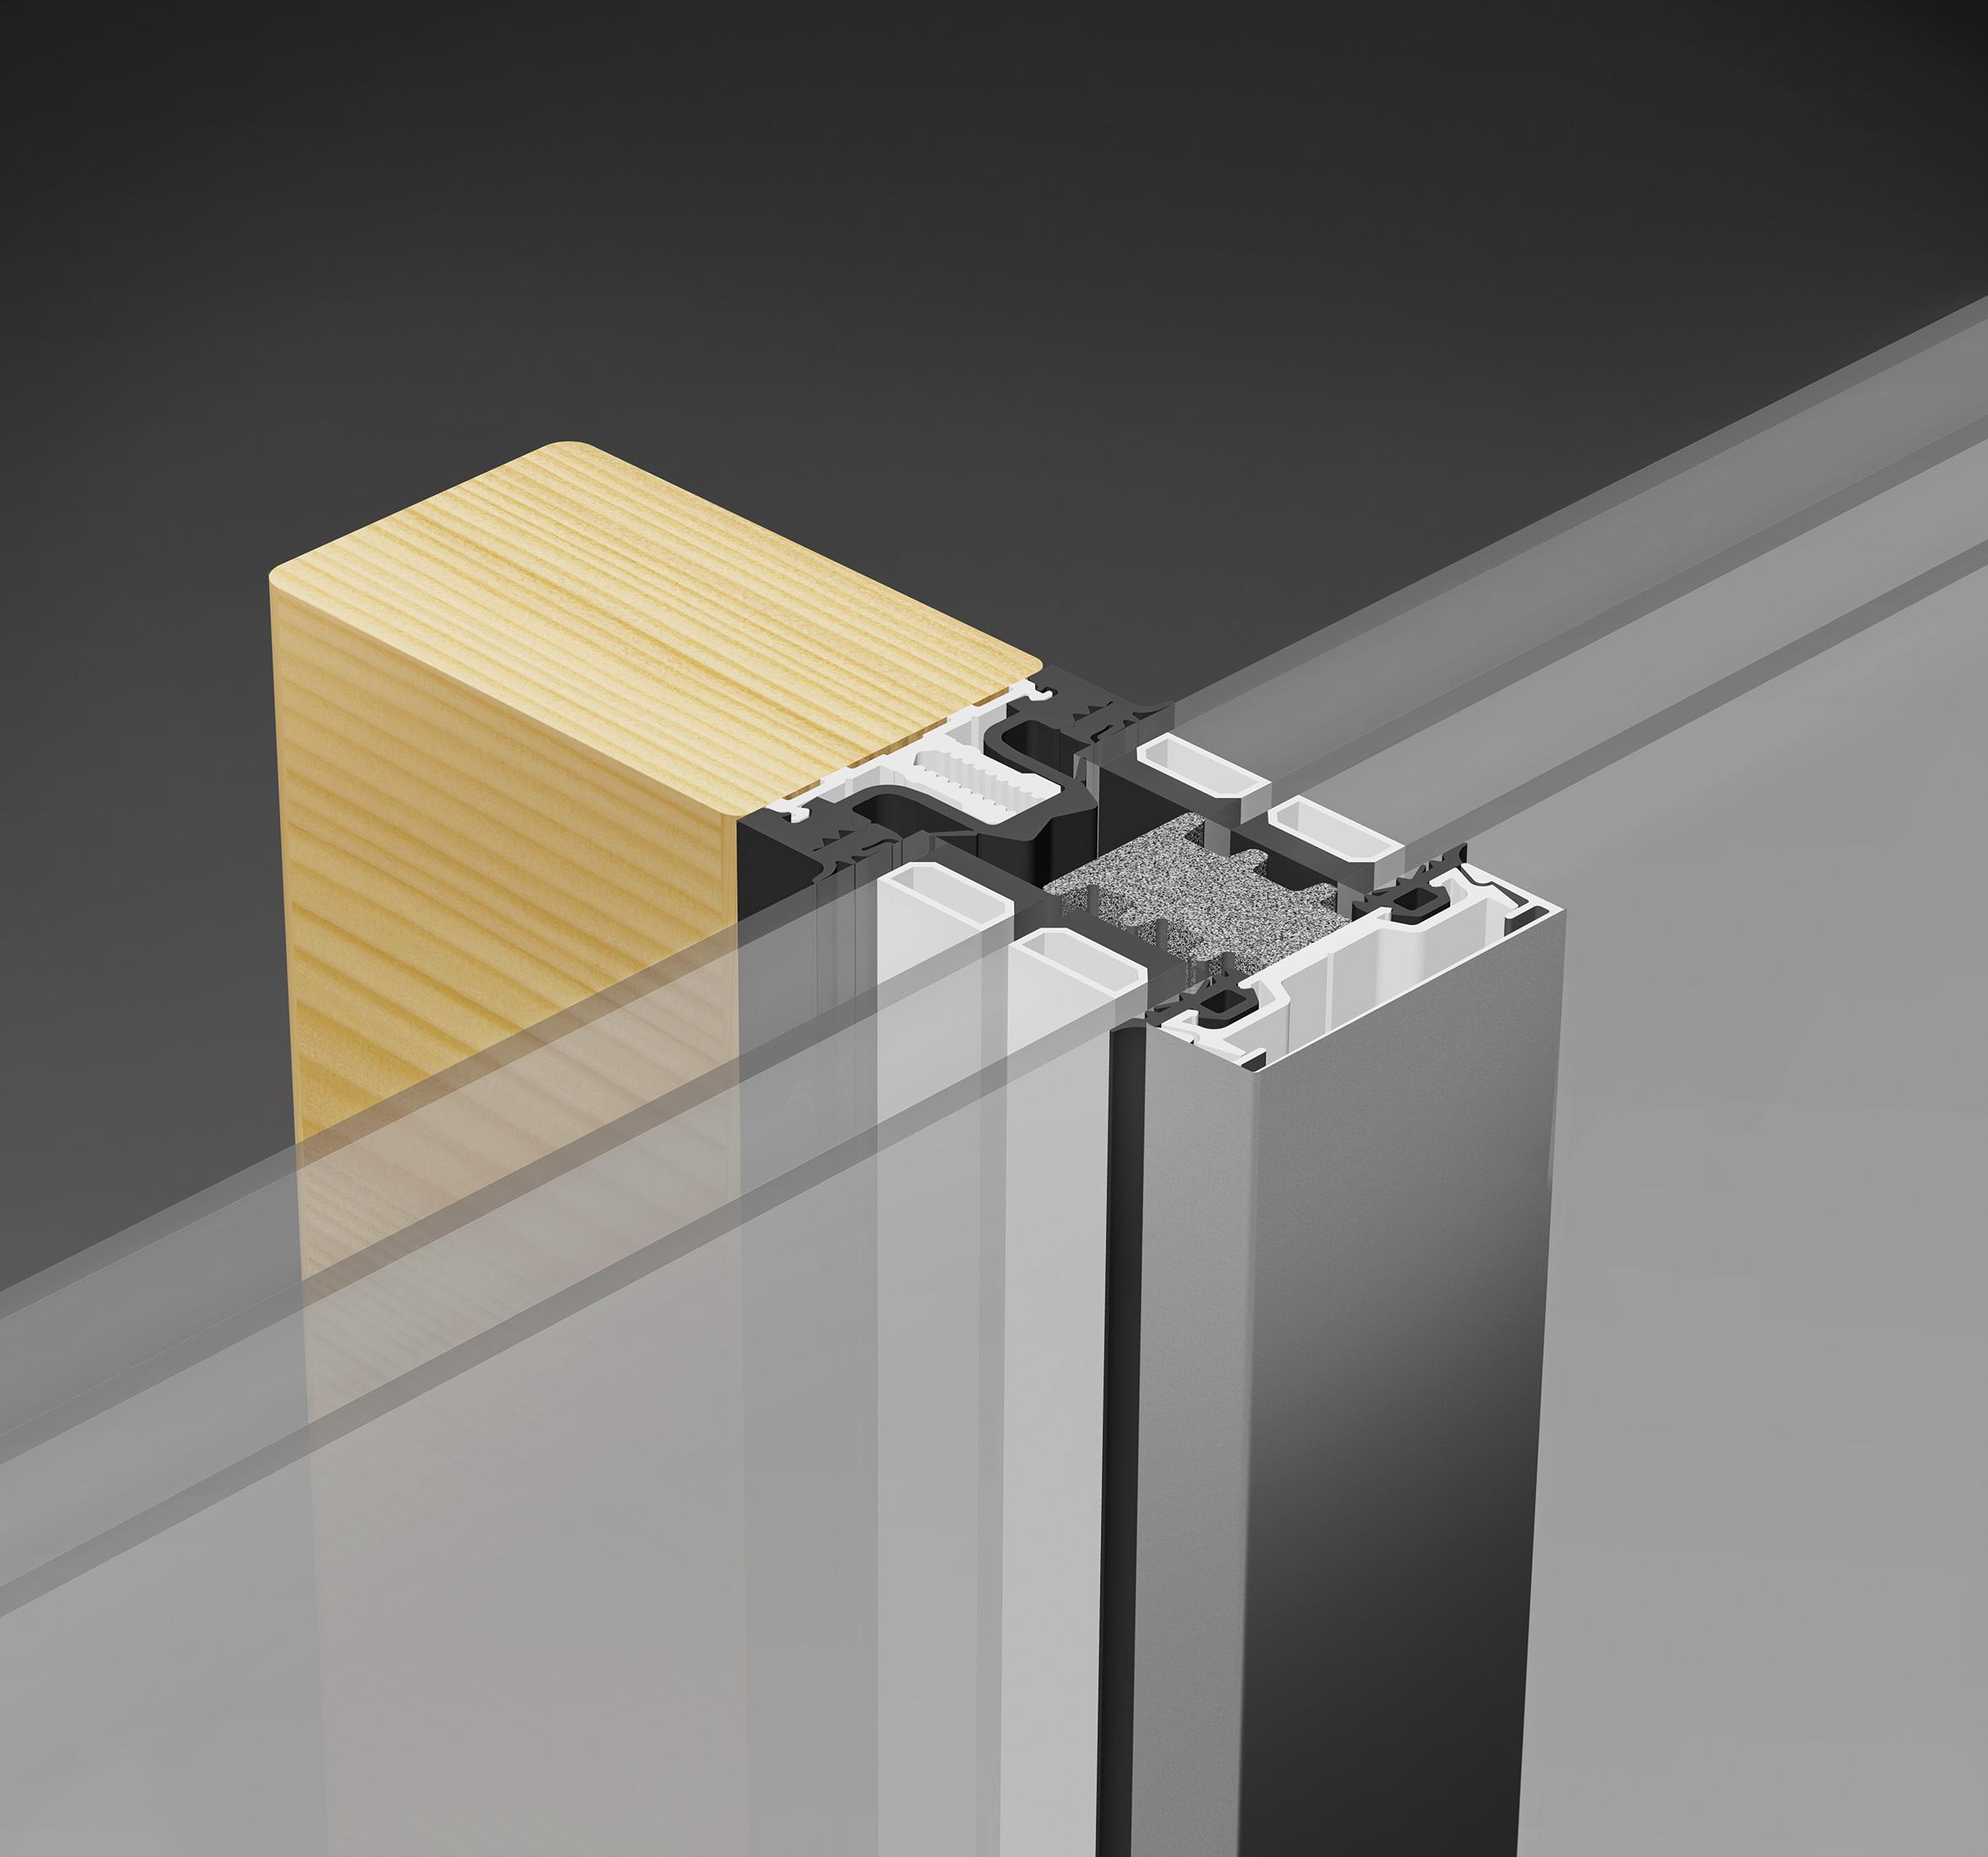 Raico Therm Timber By Raico Bautechnik Archello